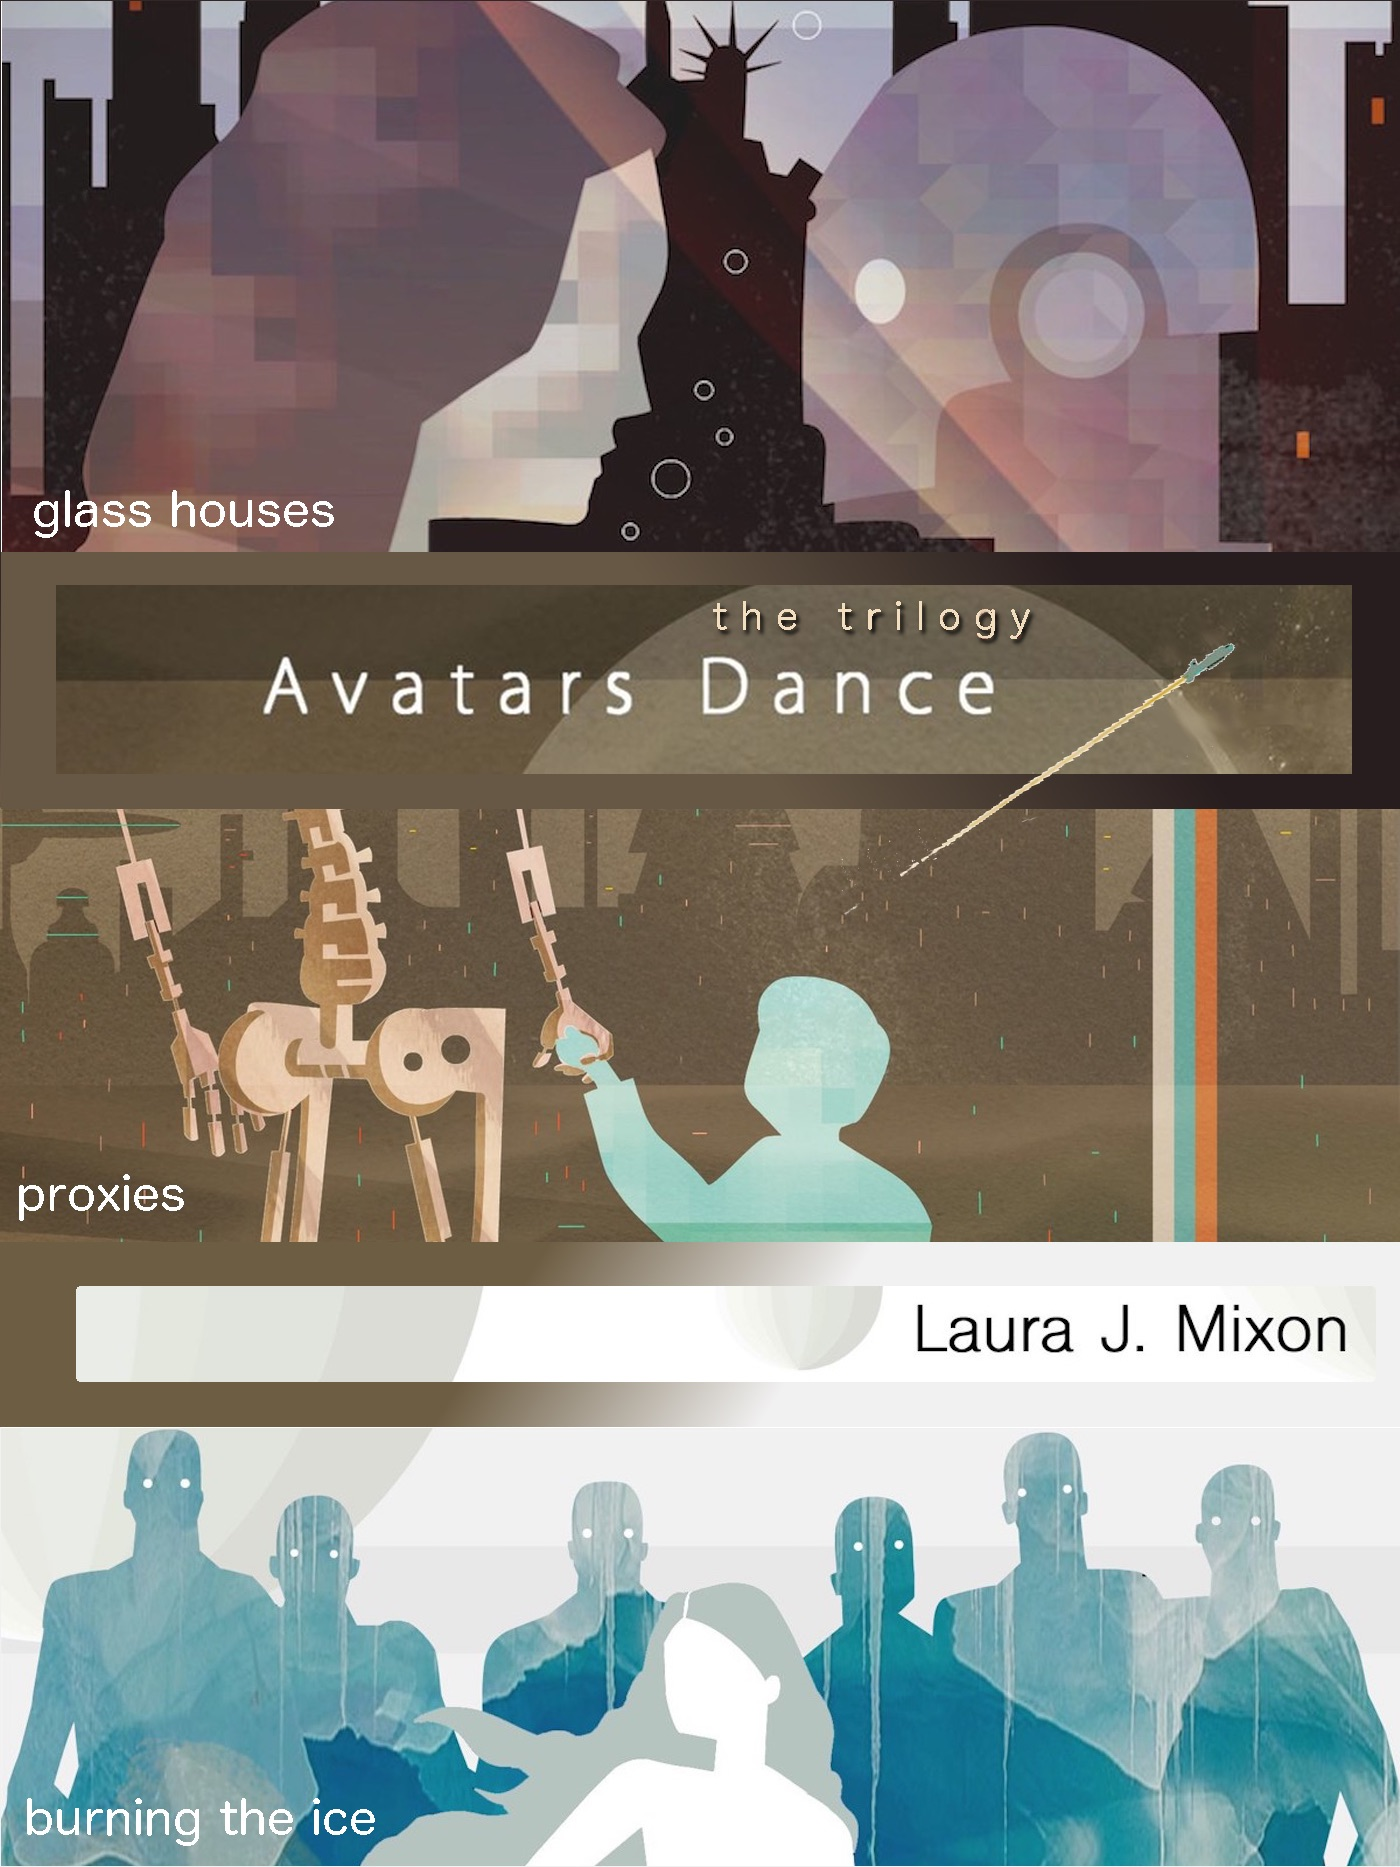 AvatarsDance2